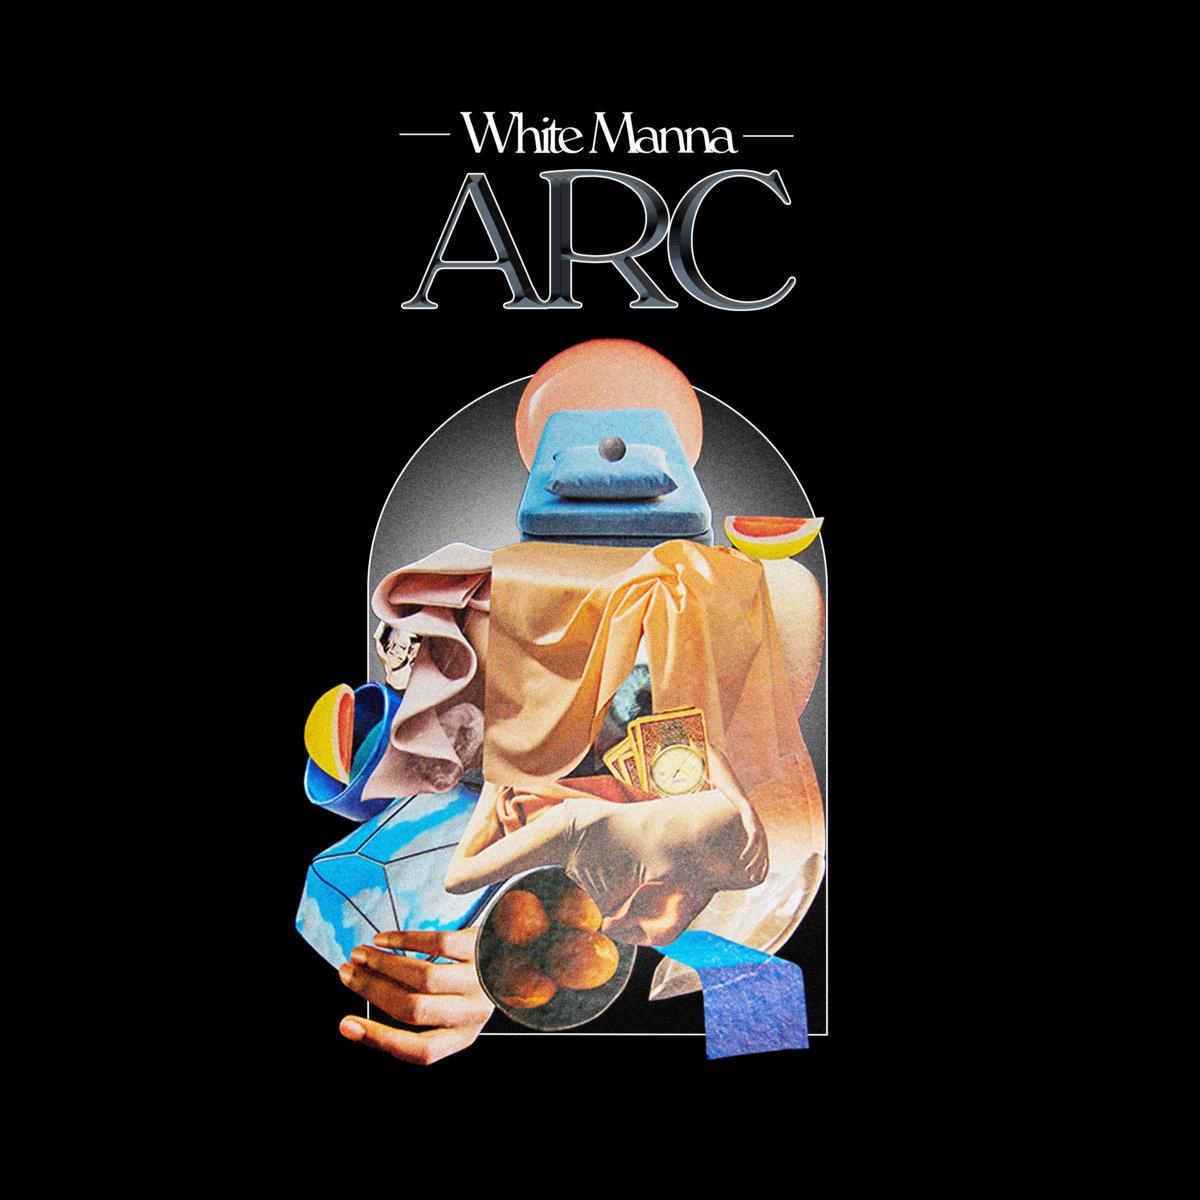 White Manna ARC